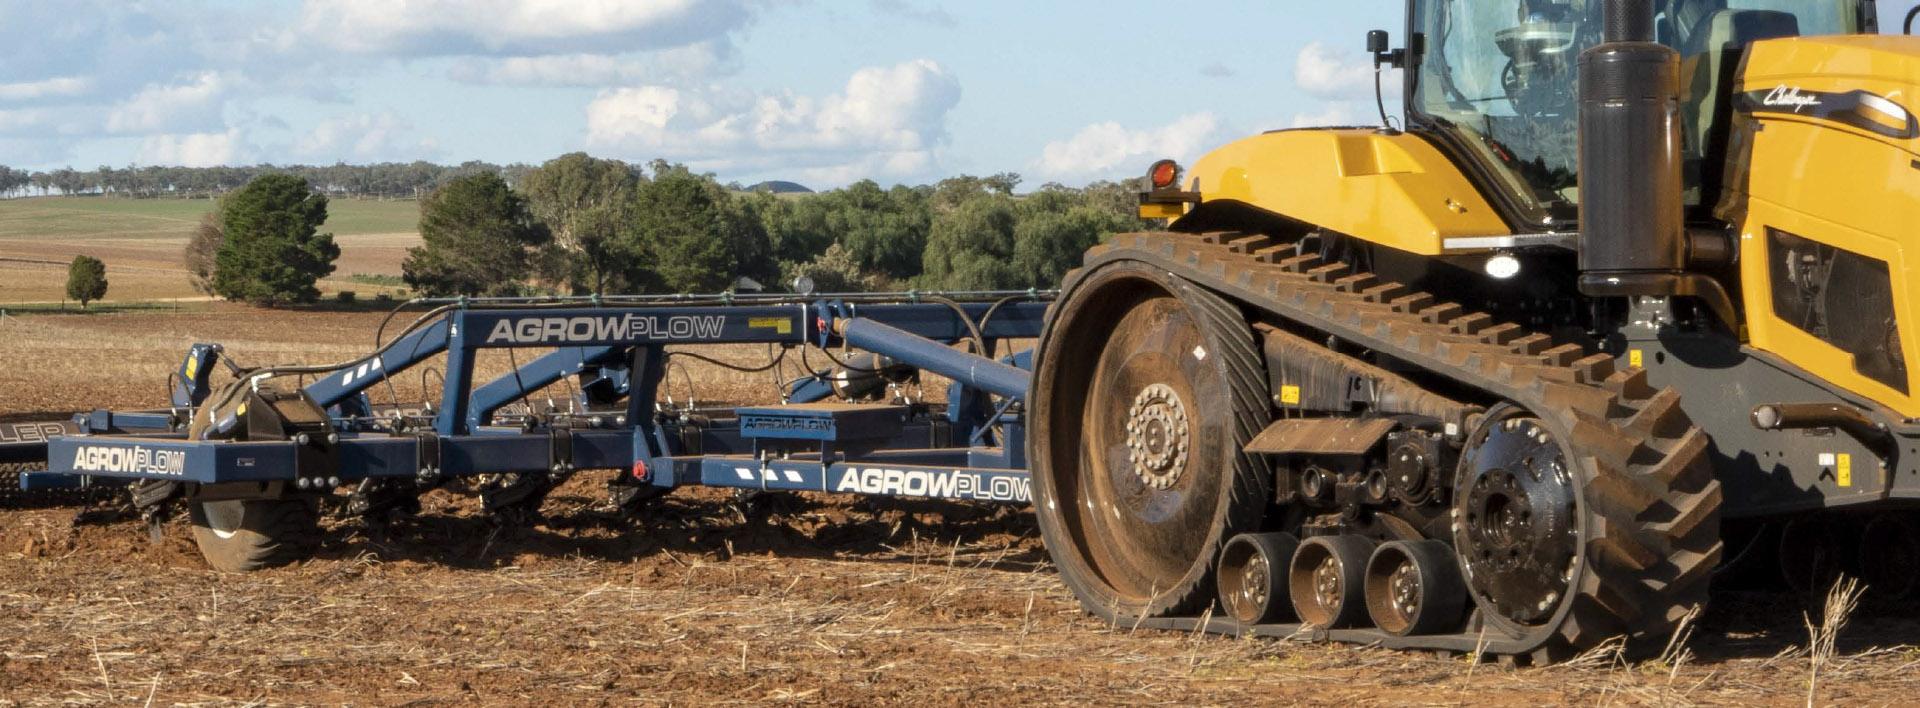 Agrowplow New Equipment & Machinery Range